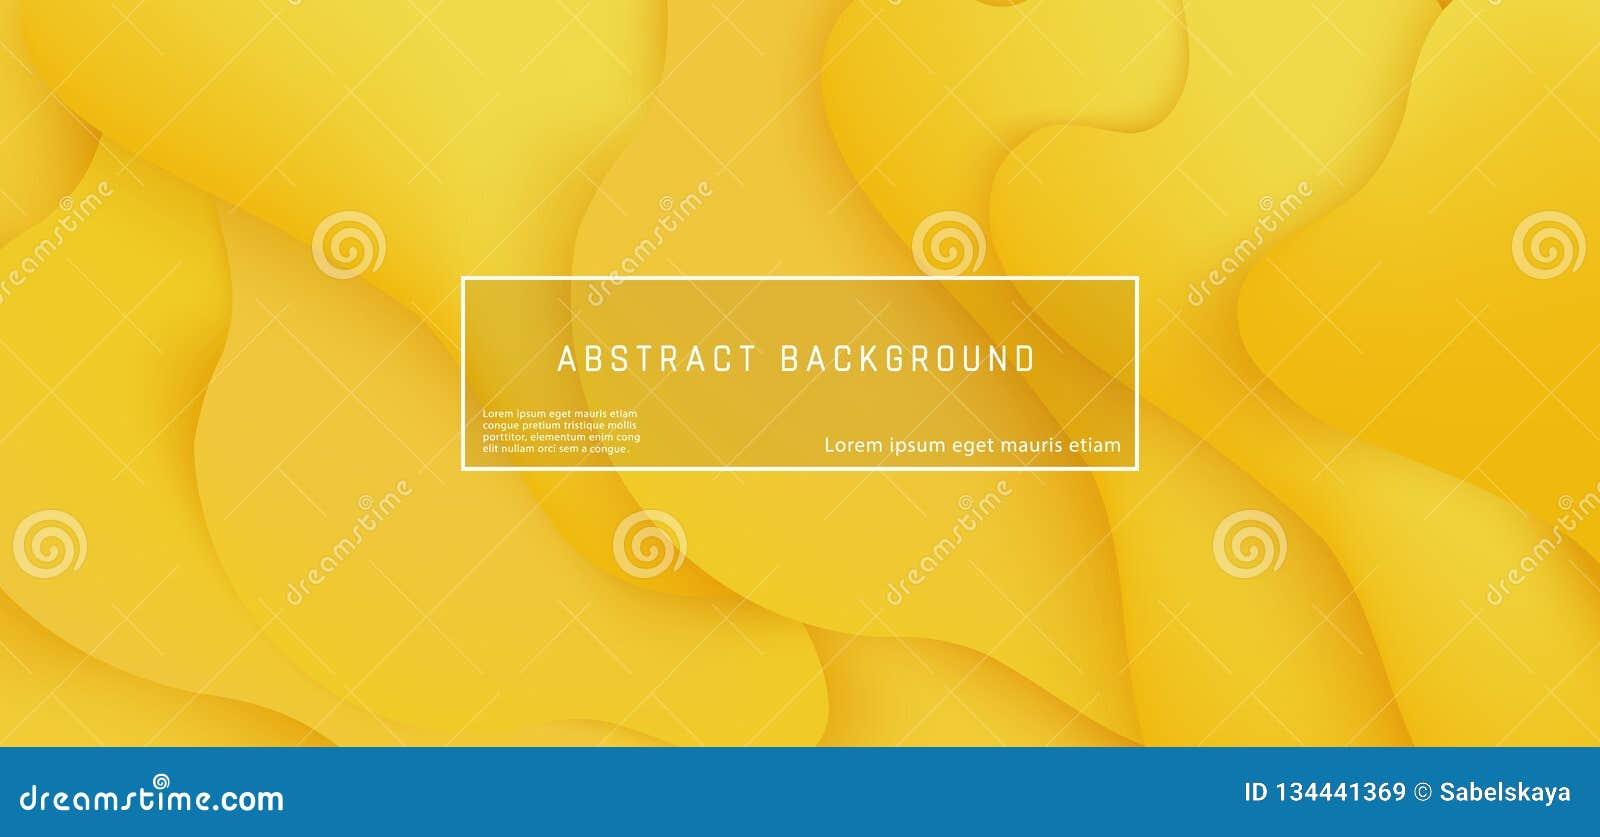 Fondo acodado pendiente amarilla brillante con la composición líquida geométrica de las formas de onda